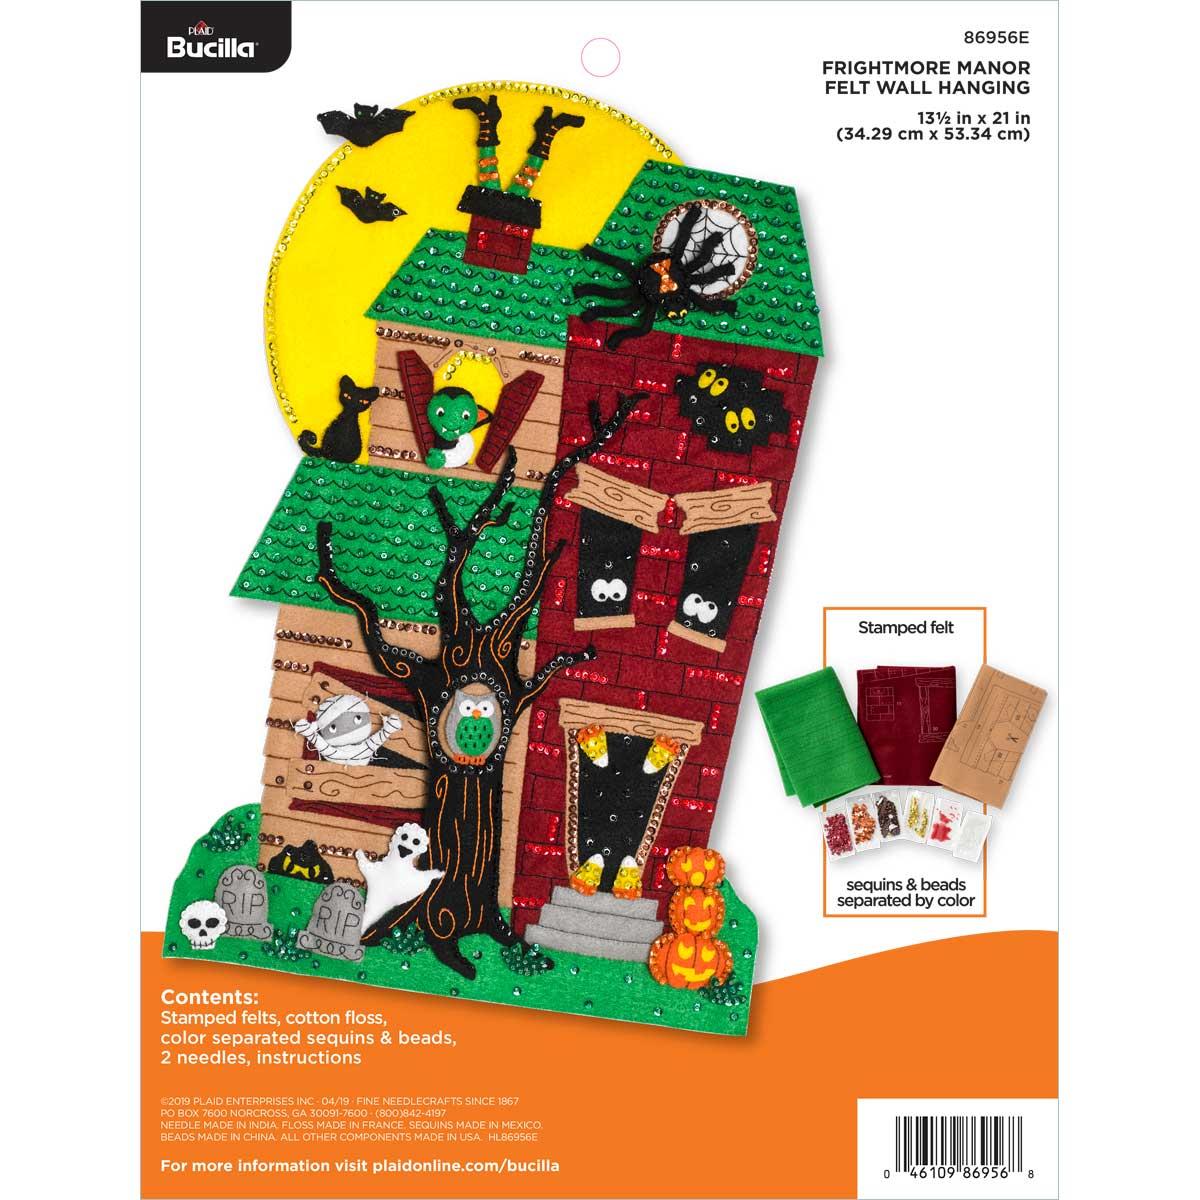 Bucilla ® Seasonal - Felt - Home Decor - Door/Wall Hanging Kits - Frightmore Manor